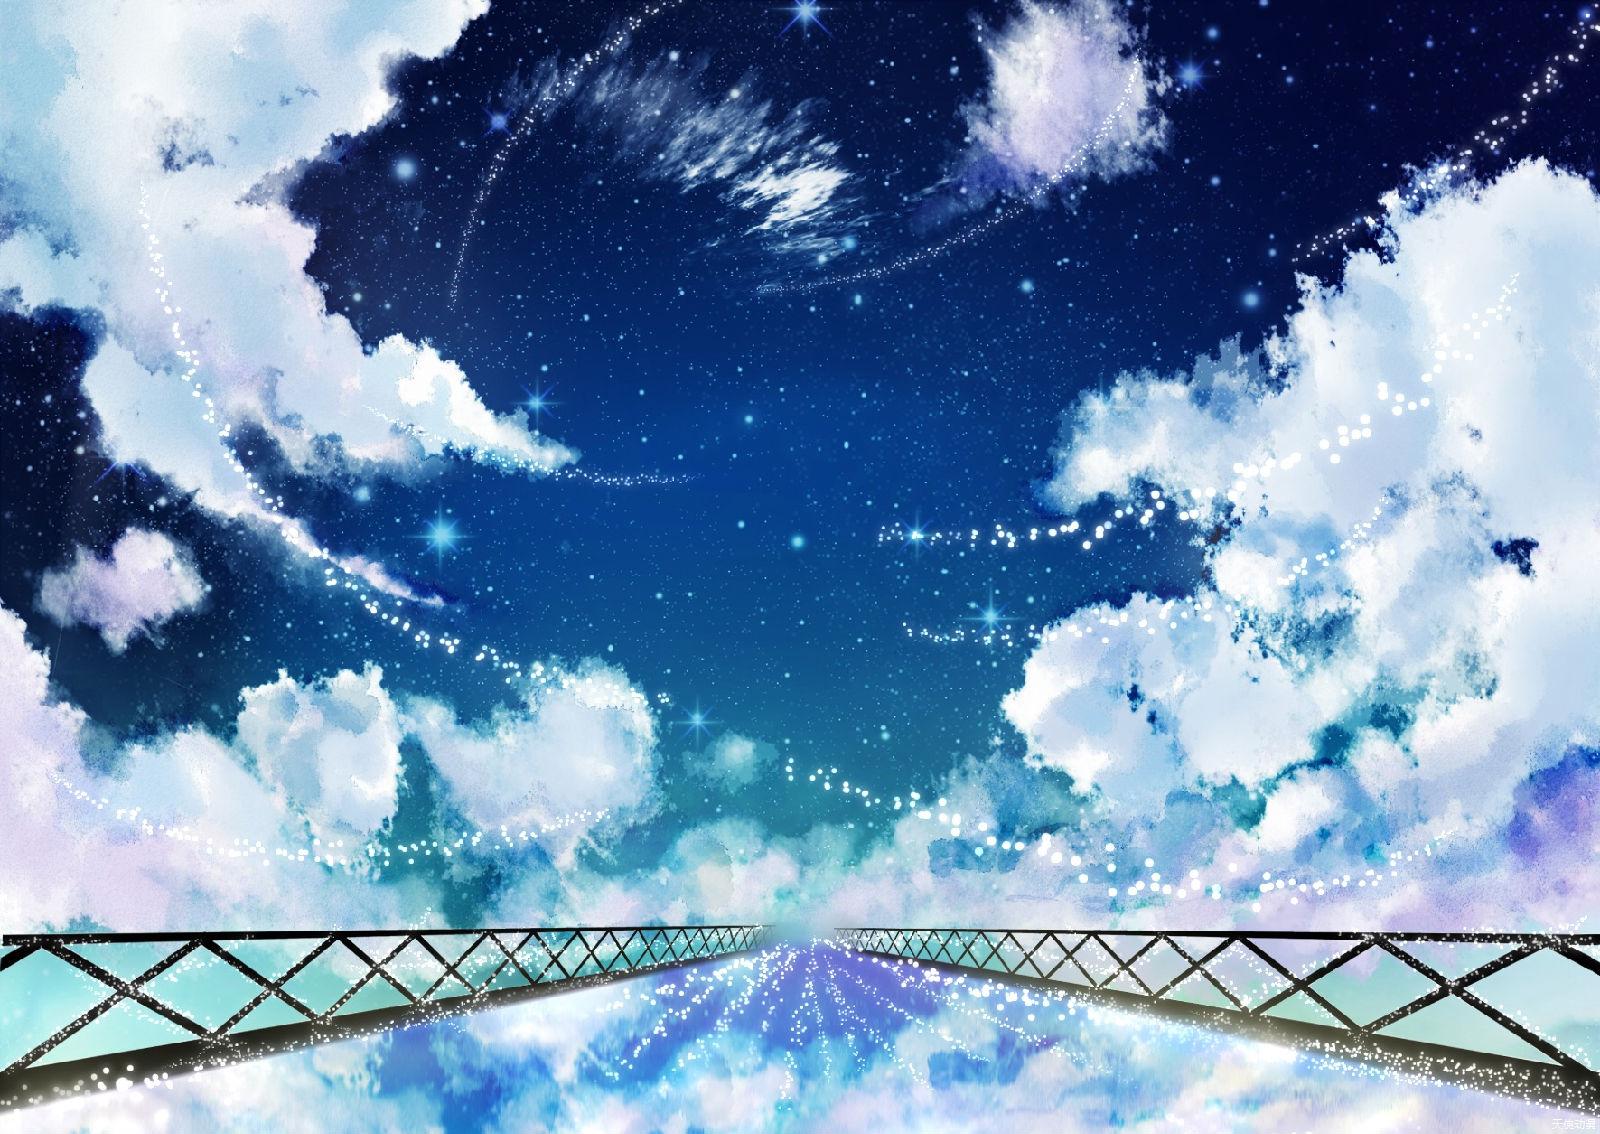 二次元意境 唯美风图片